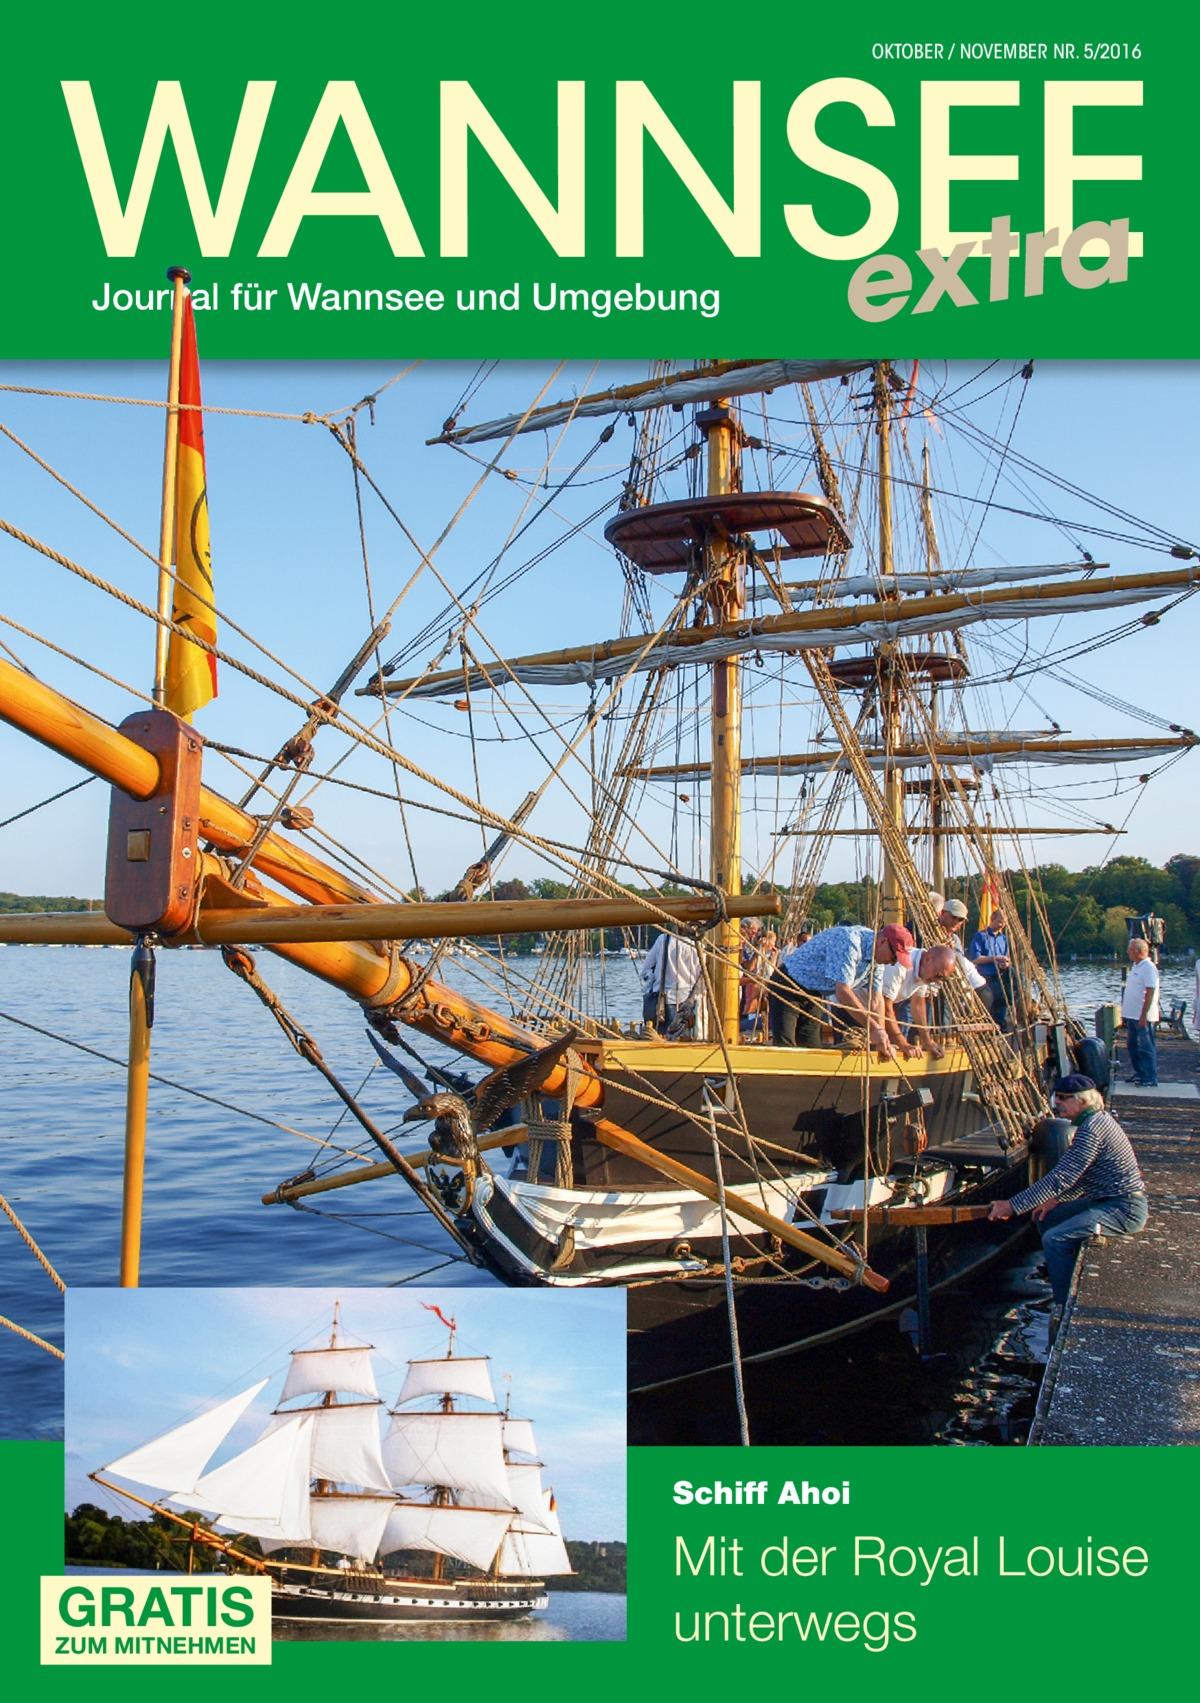 WANNSEE extra OKTOBER / NOVEMBER NR. 5/2016  Journal für Wannsee und Umgebung  Schiff Ahoi  GRATIS  ZUM MITNEHMEN  Mit der Royal Louise unterwegs